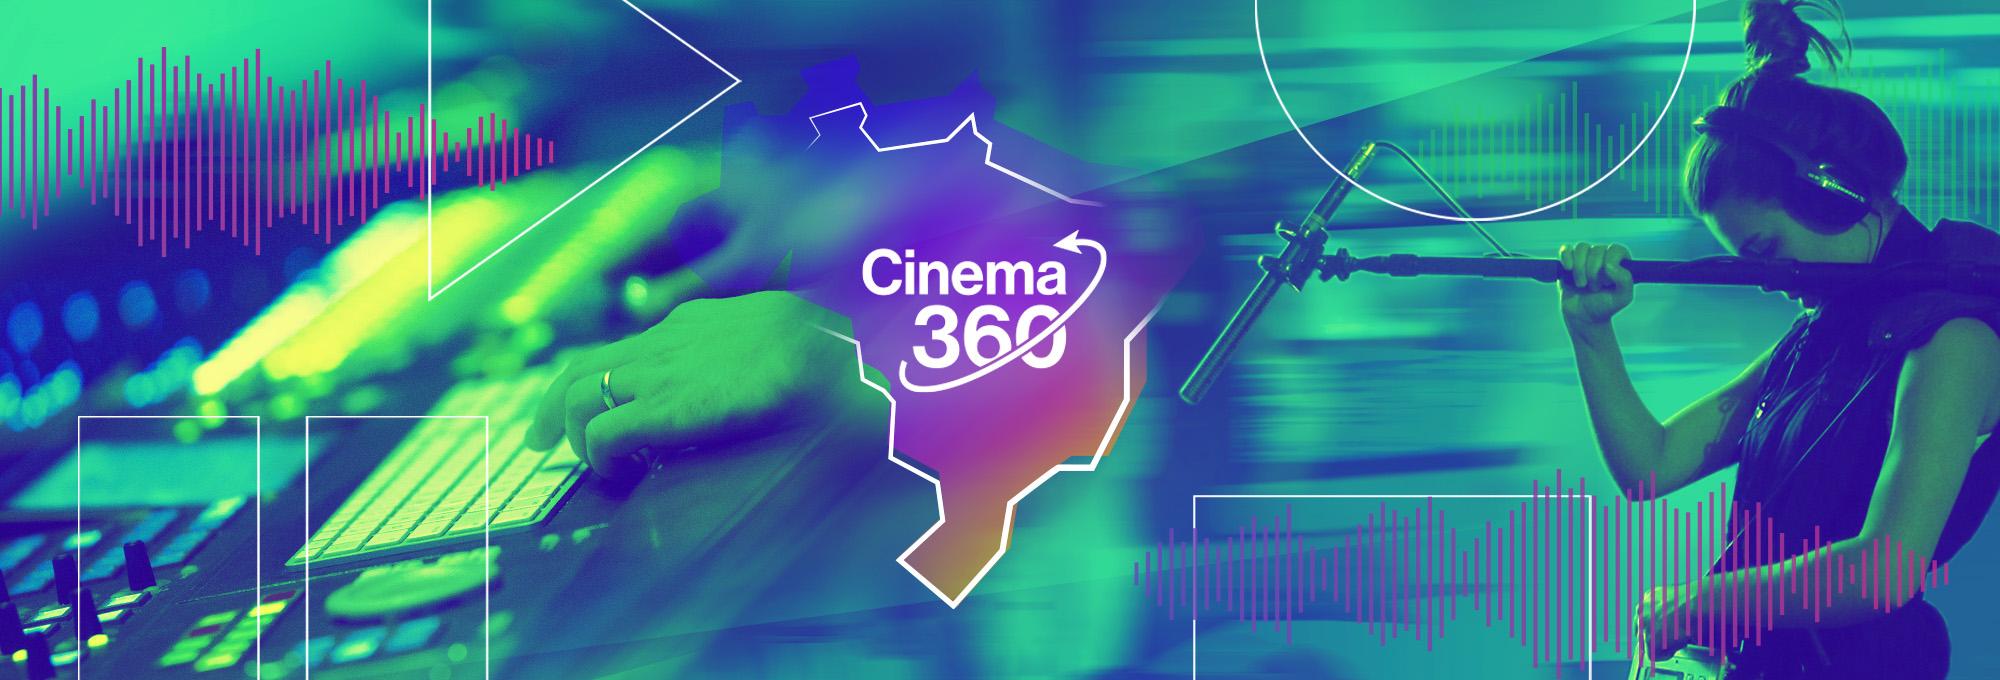 Projeto Cinema 360 – Etapa Nordeste